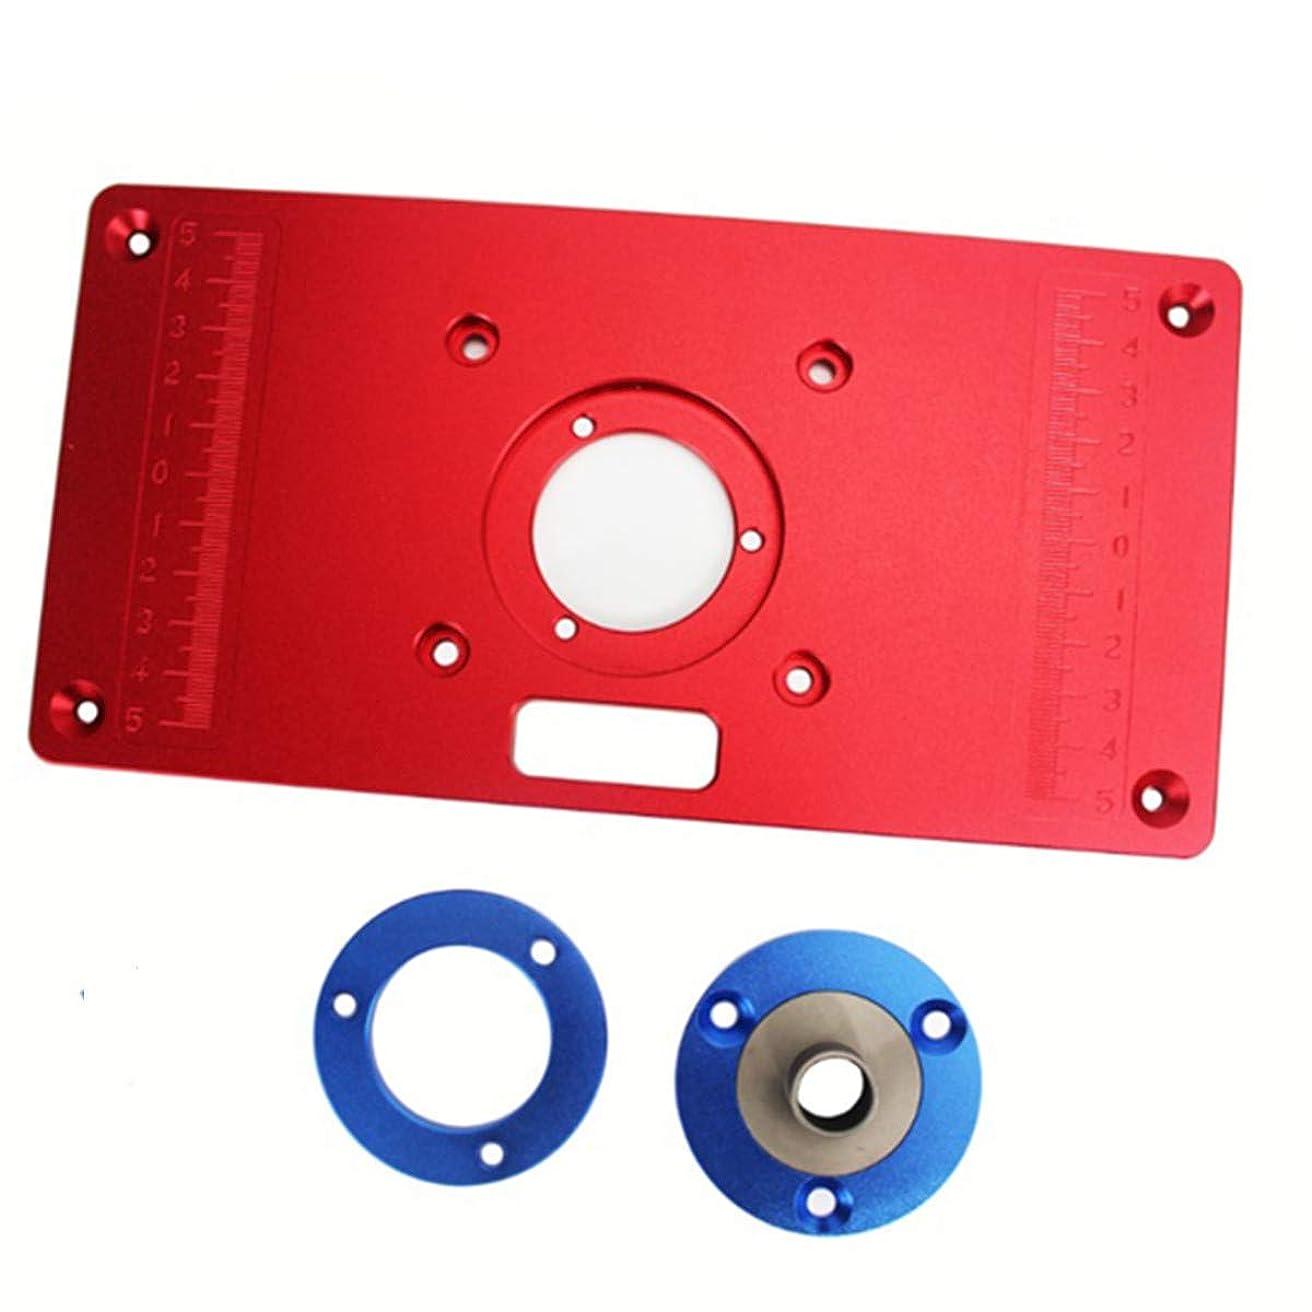 脈拍合併造船CarAngels ルーターテーブル用 アルミインサートプレートキット 木工ツール (汎用型)